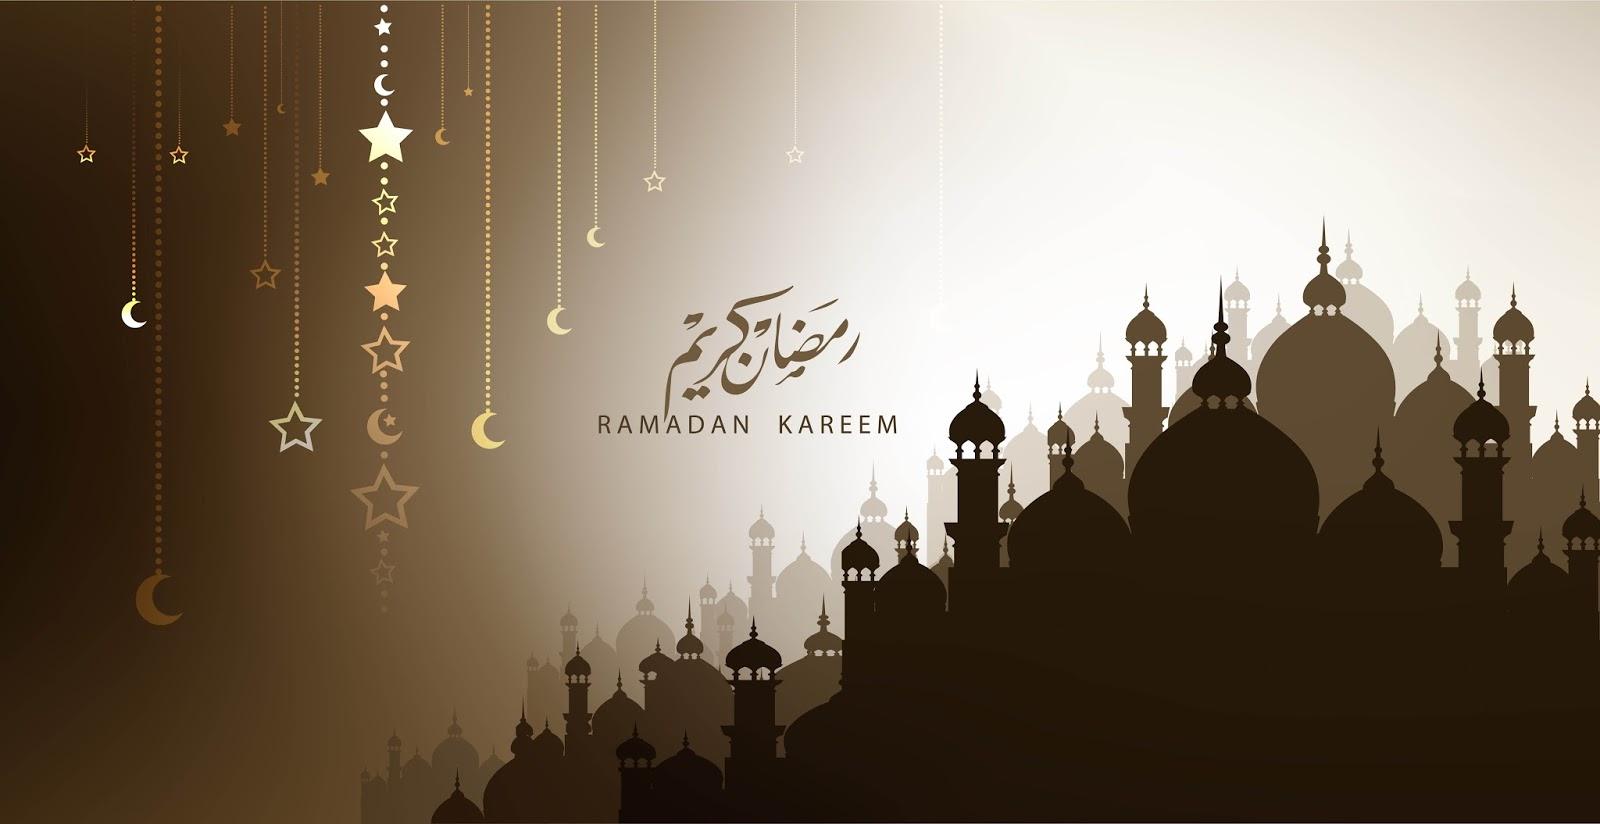 Ramadan mubarak 2016 wallpaper